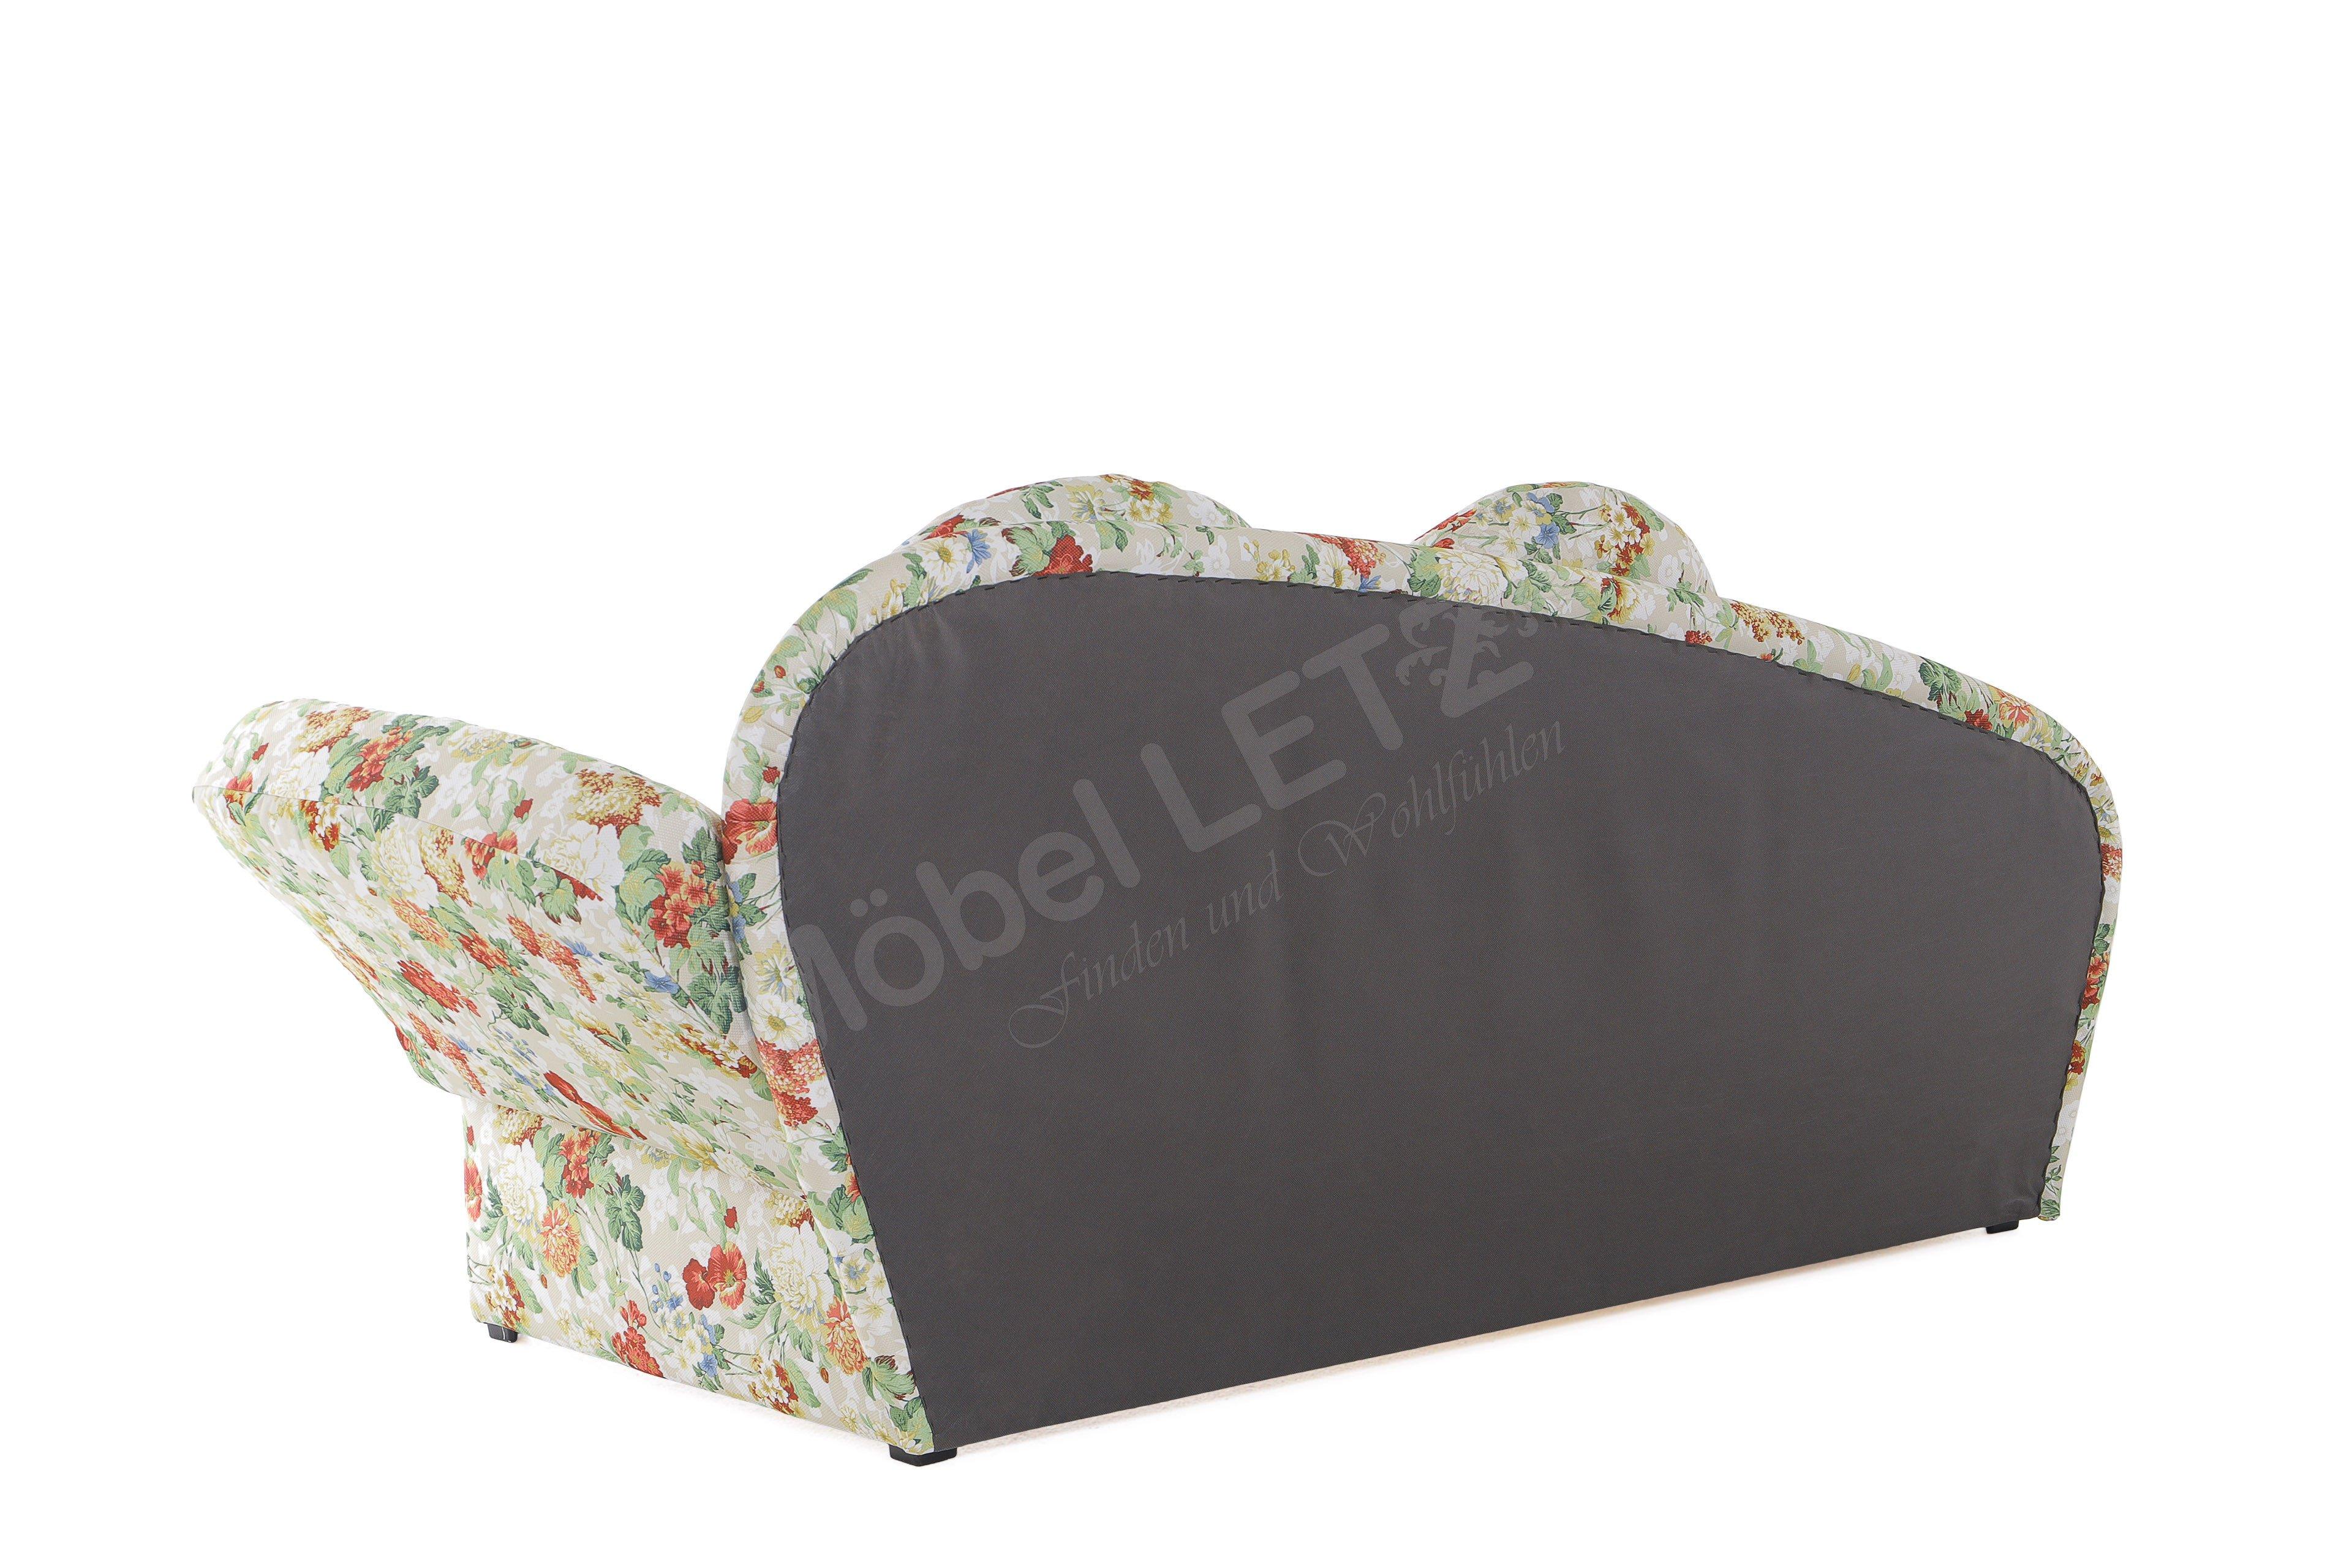 schlafsofa creme tim von nehl mit blumenmuster m bel letz ihr online shop. Black Bedroom Furniture Sets. Home Design Ideas